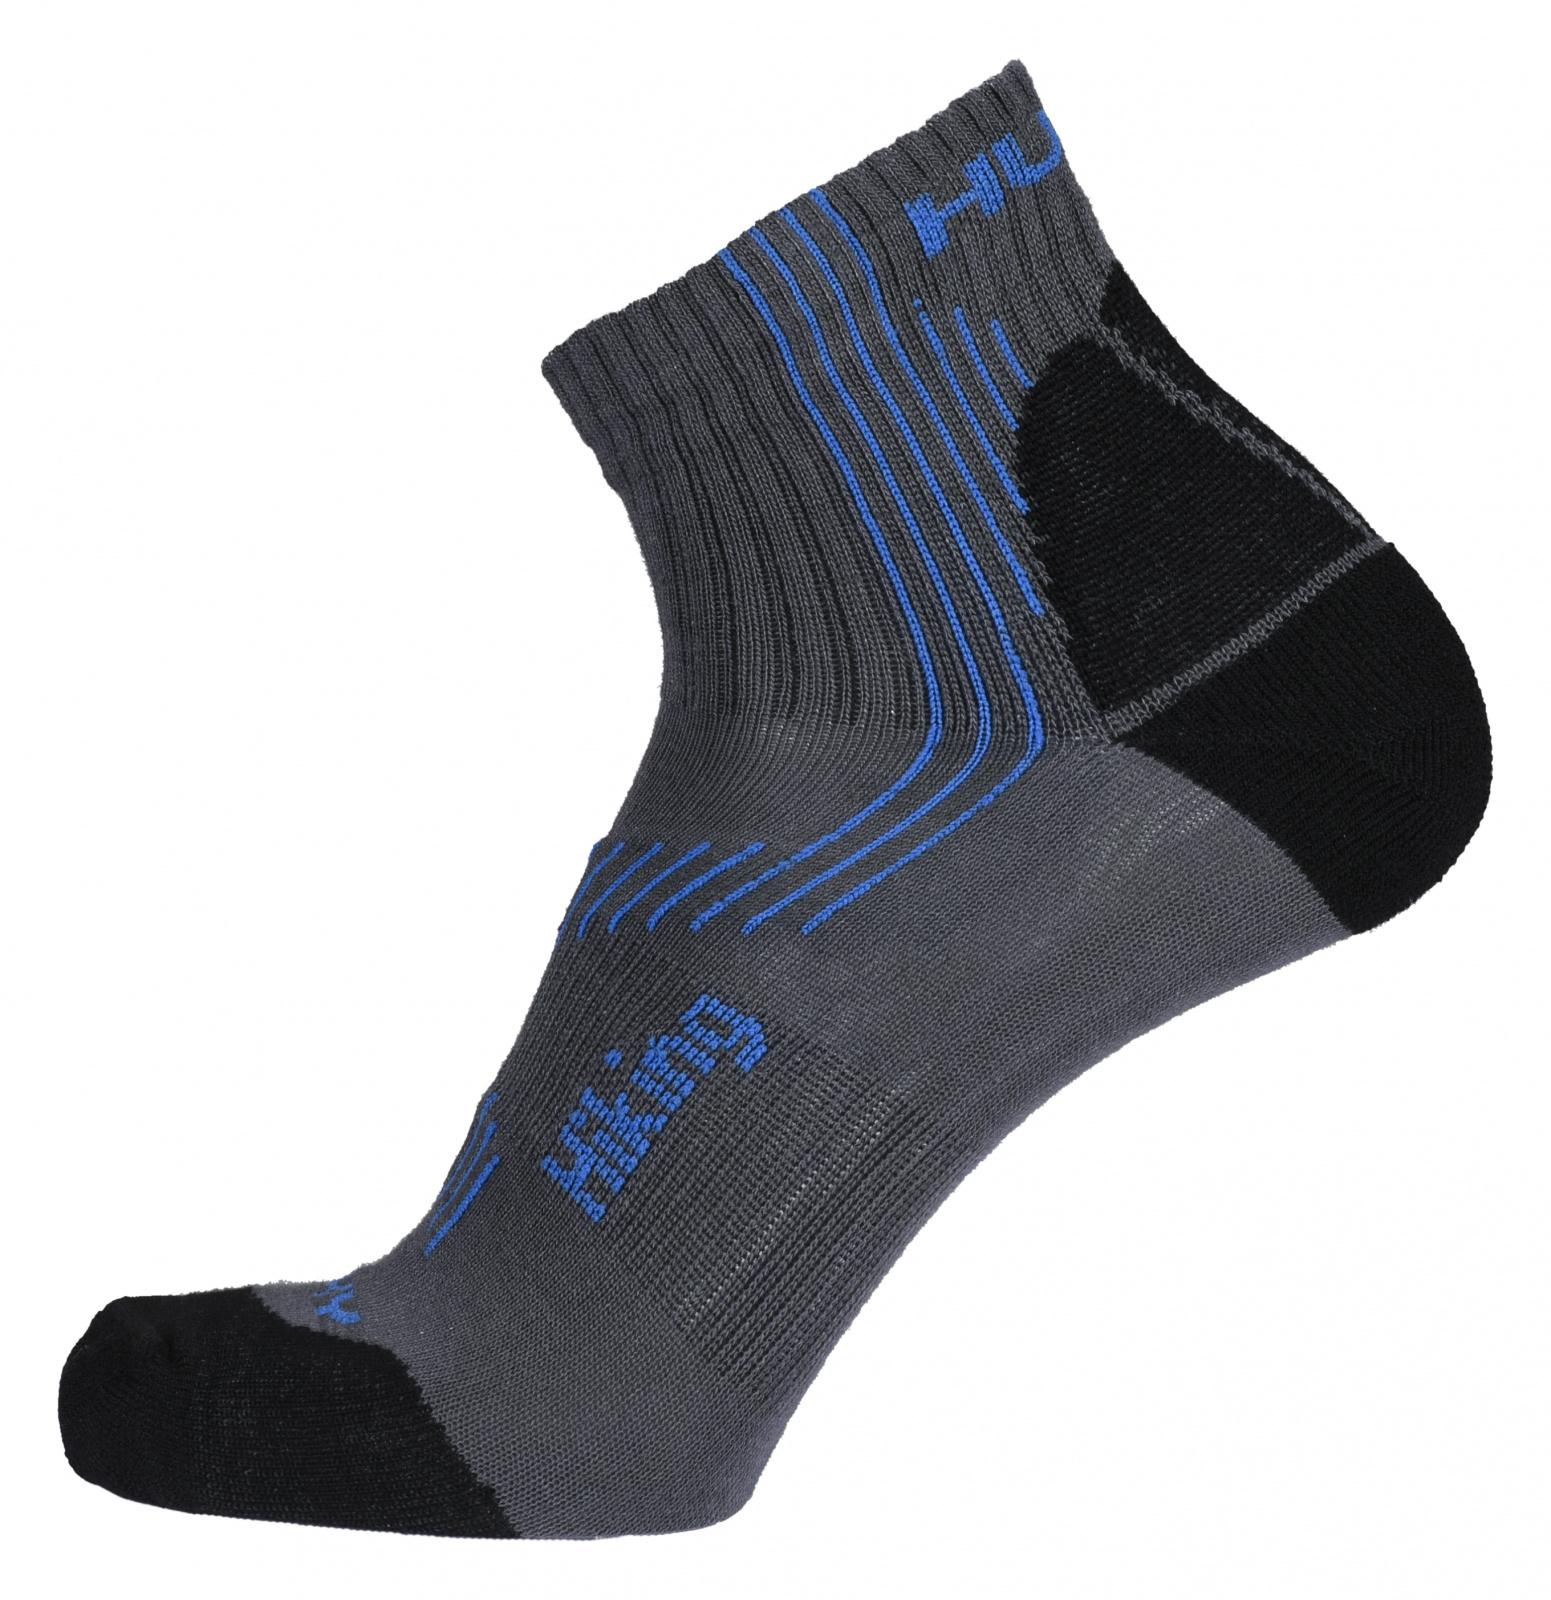 Husky Ponožky Hiking šedá/modrá Velikost: L (41-44) ponožky